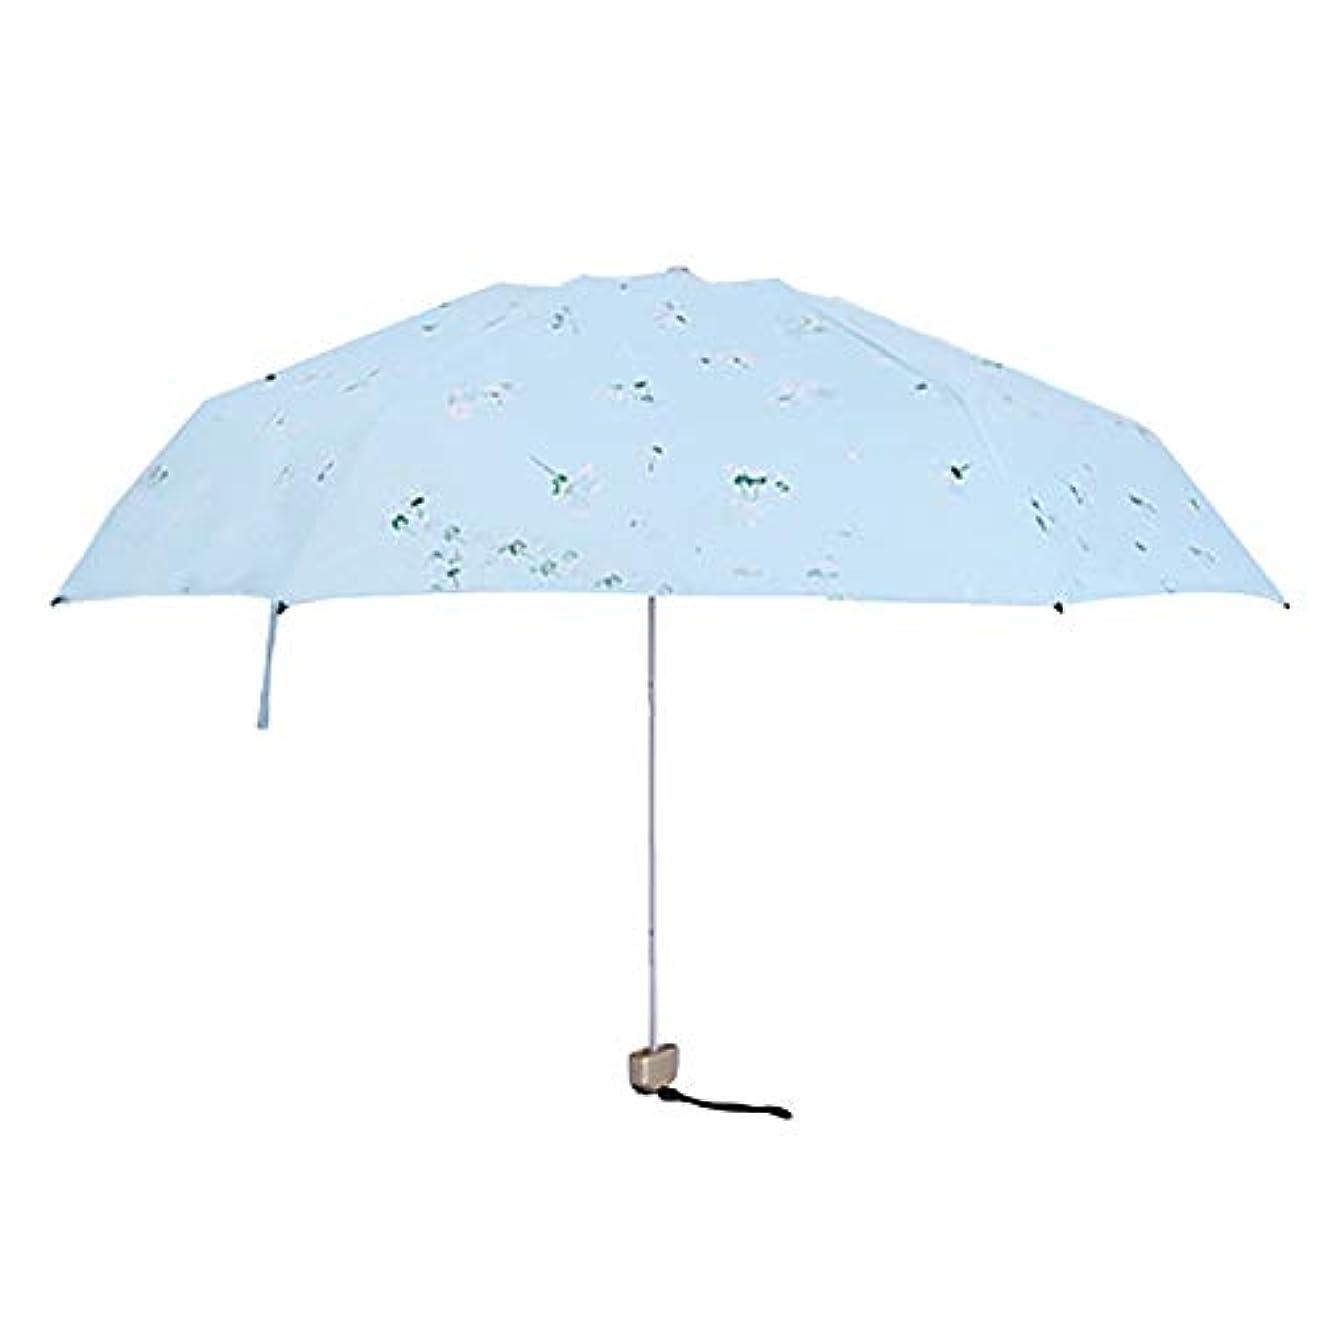 硬化するドラム弾性新しい小さな新鮮な創造的なミニポケット傘ビニール5つ折り傘折り畳み太陽の傘太陽の傘